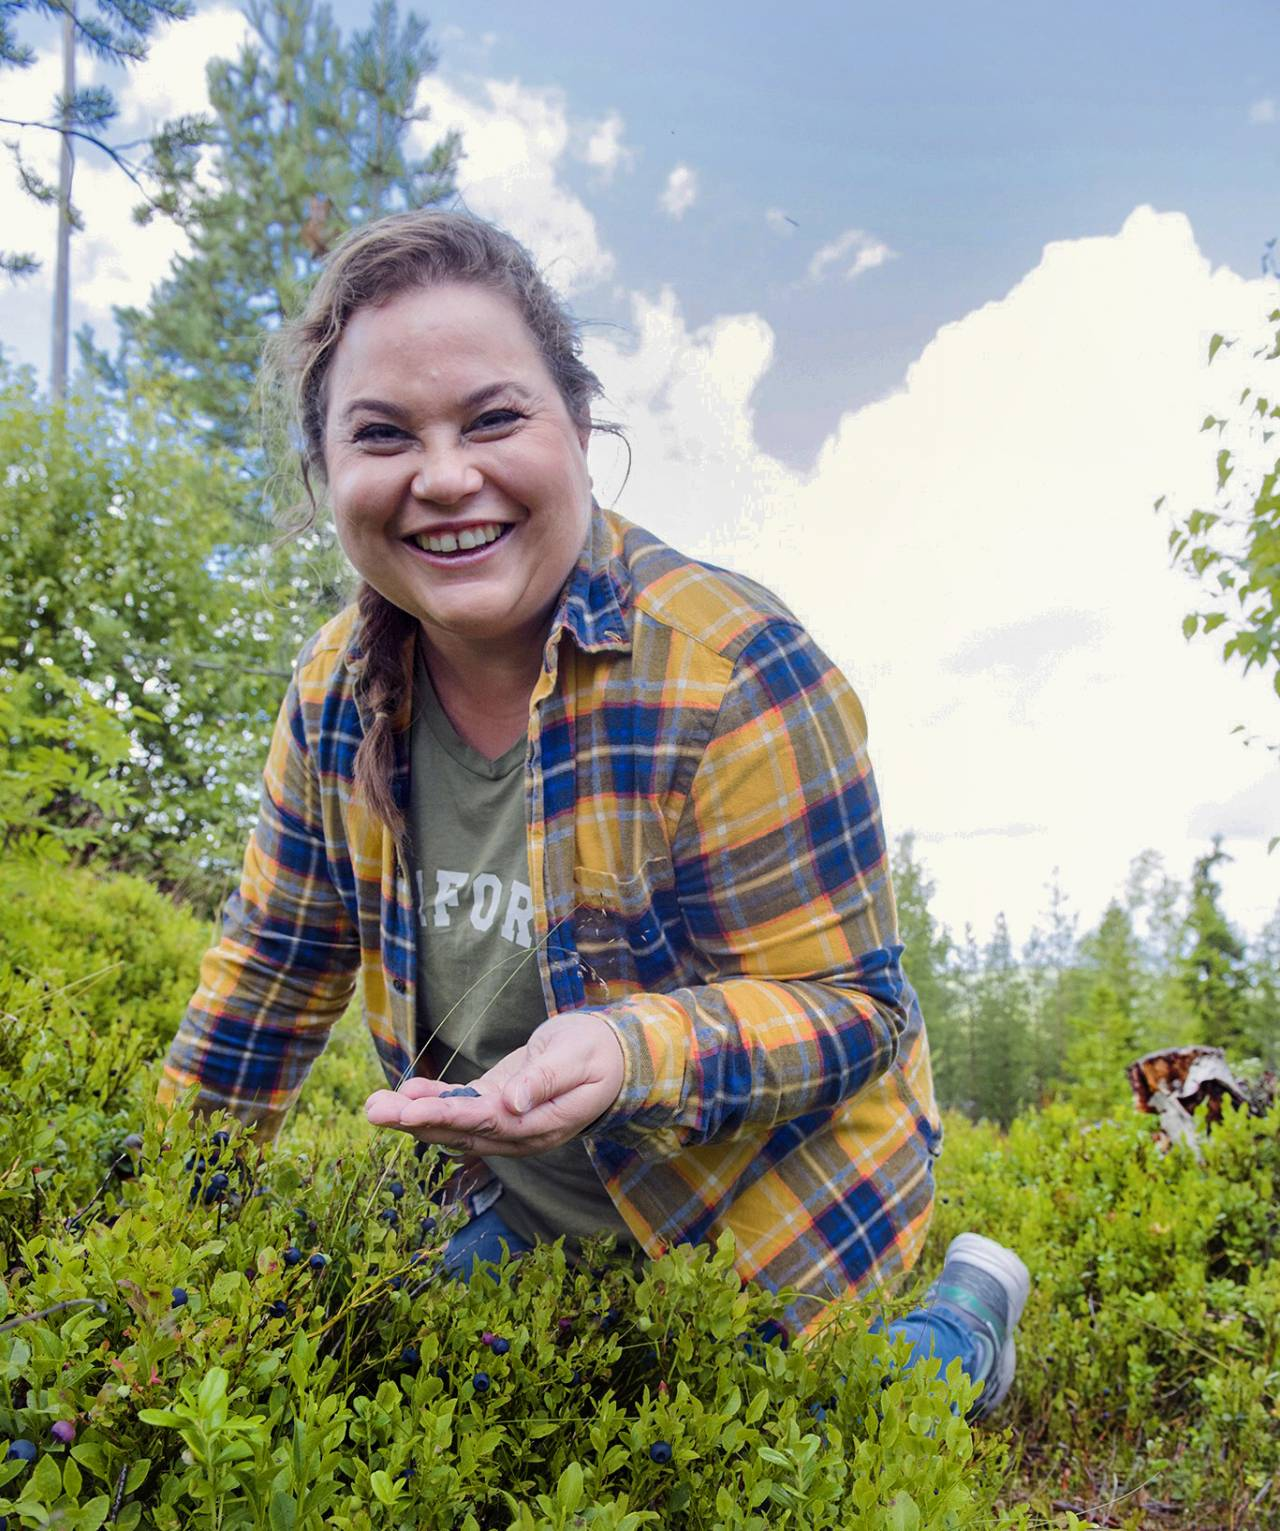 Tv-kocken Susanne Jonsson letar bär i naturen